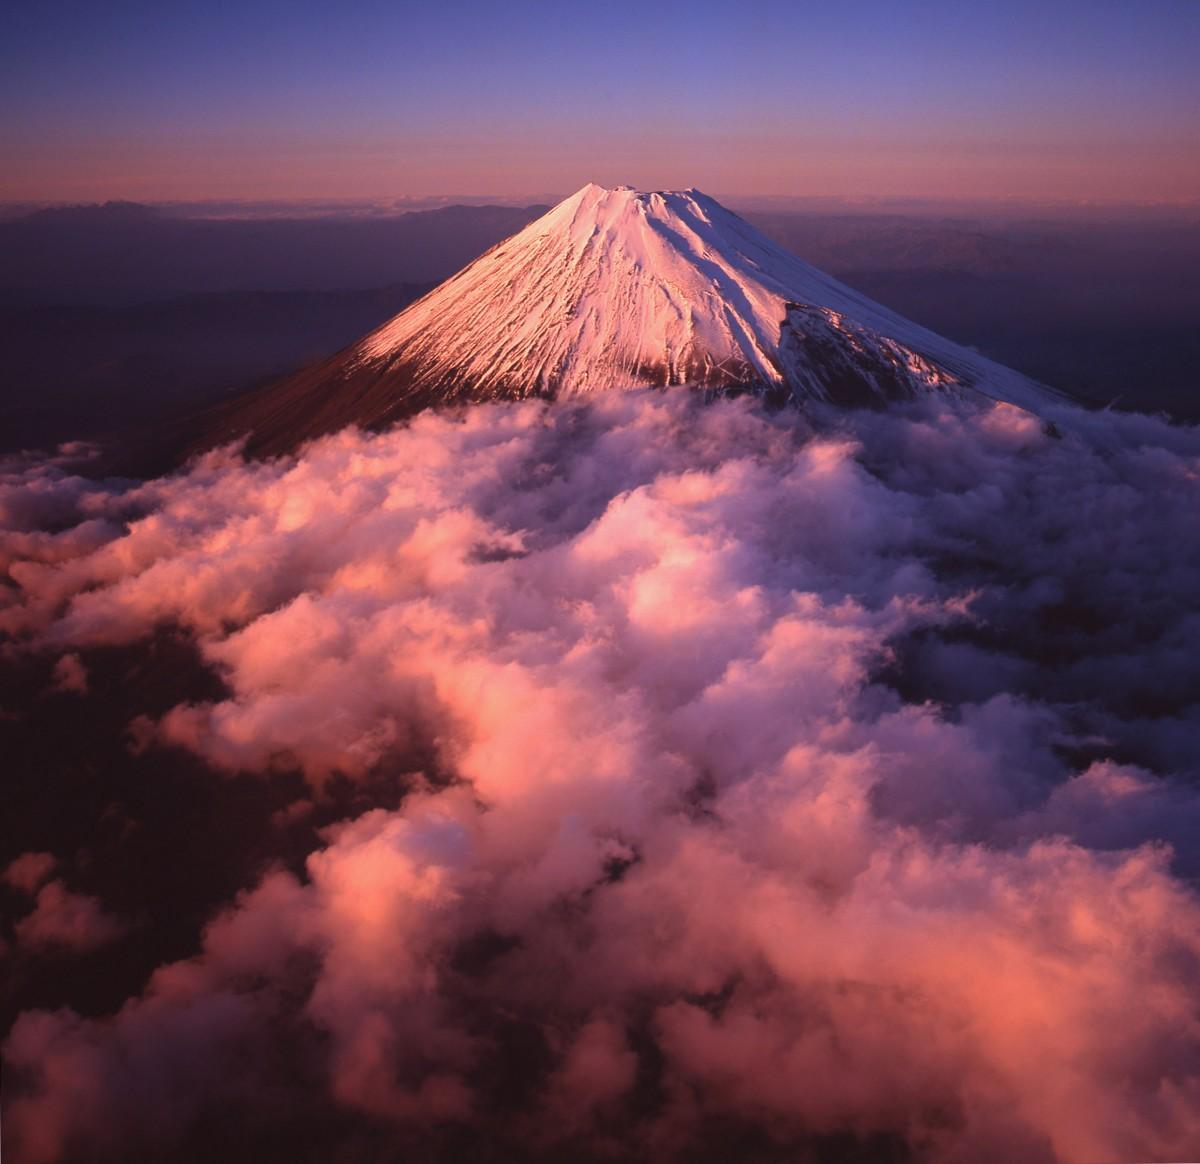 最高賞・金賞「夕日に染まる富士山」太田繁